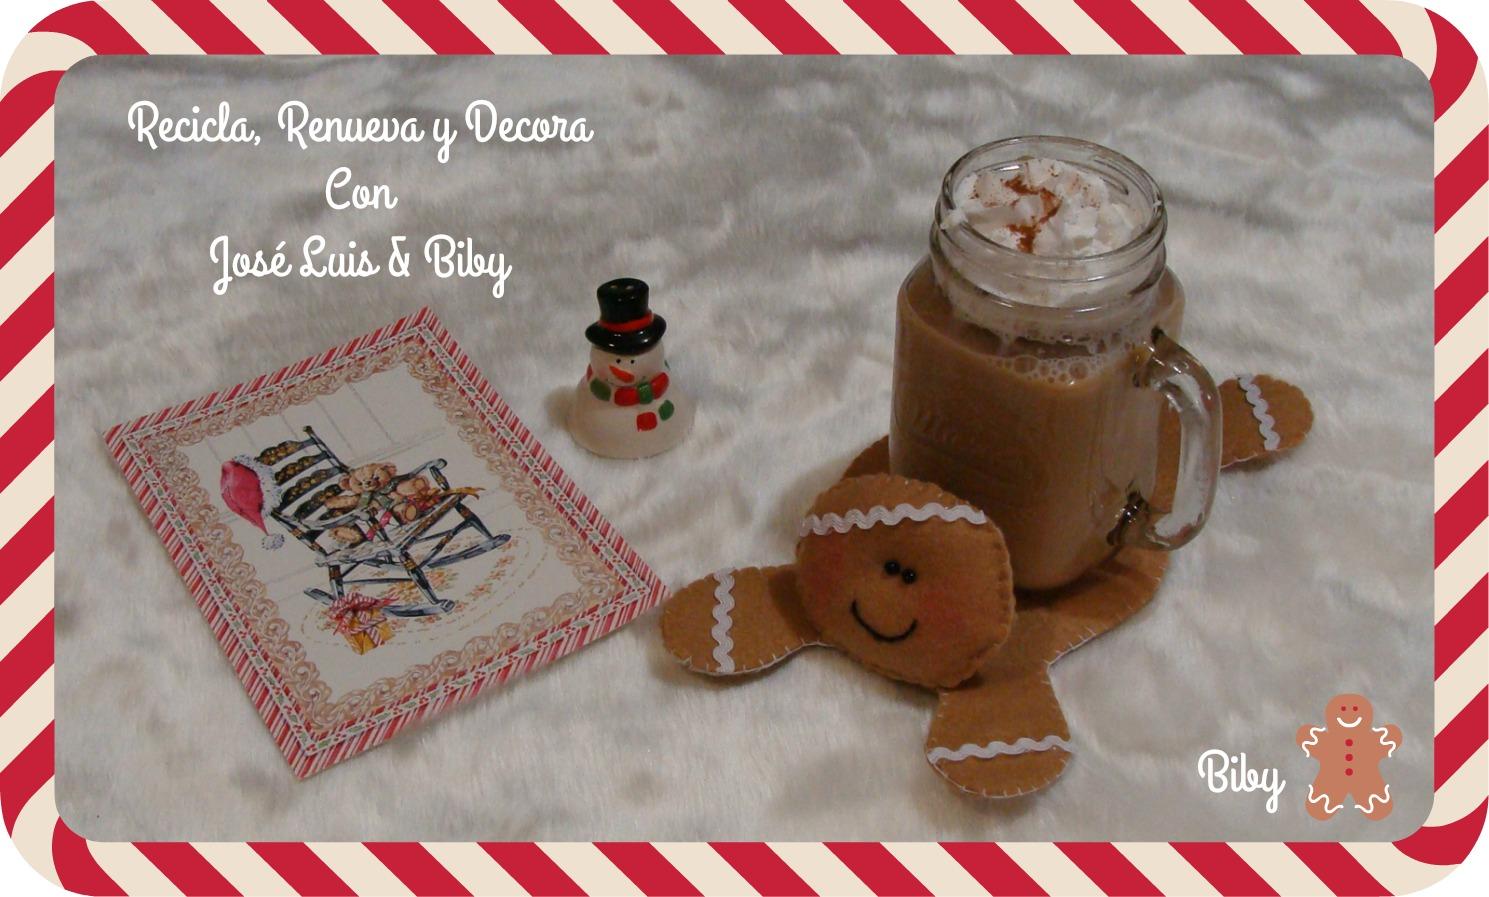 Recicla renueva y decora con jos luis y biby - Recicla y decora ...